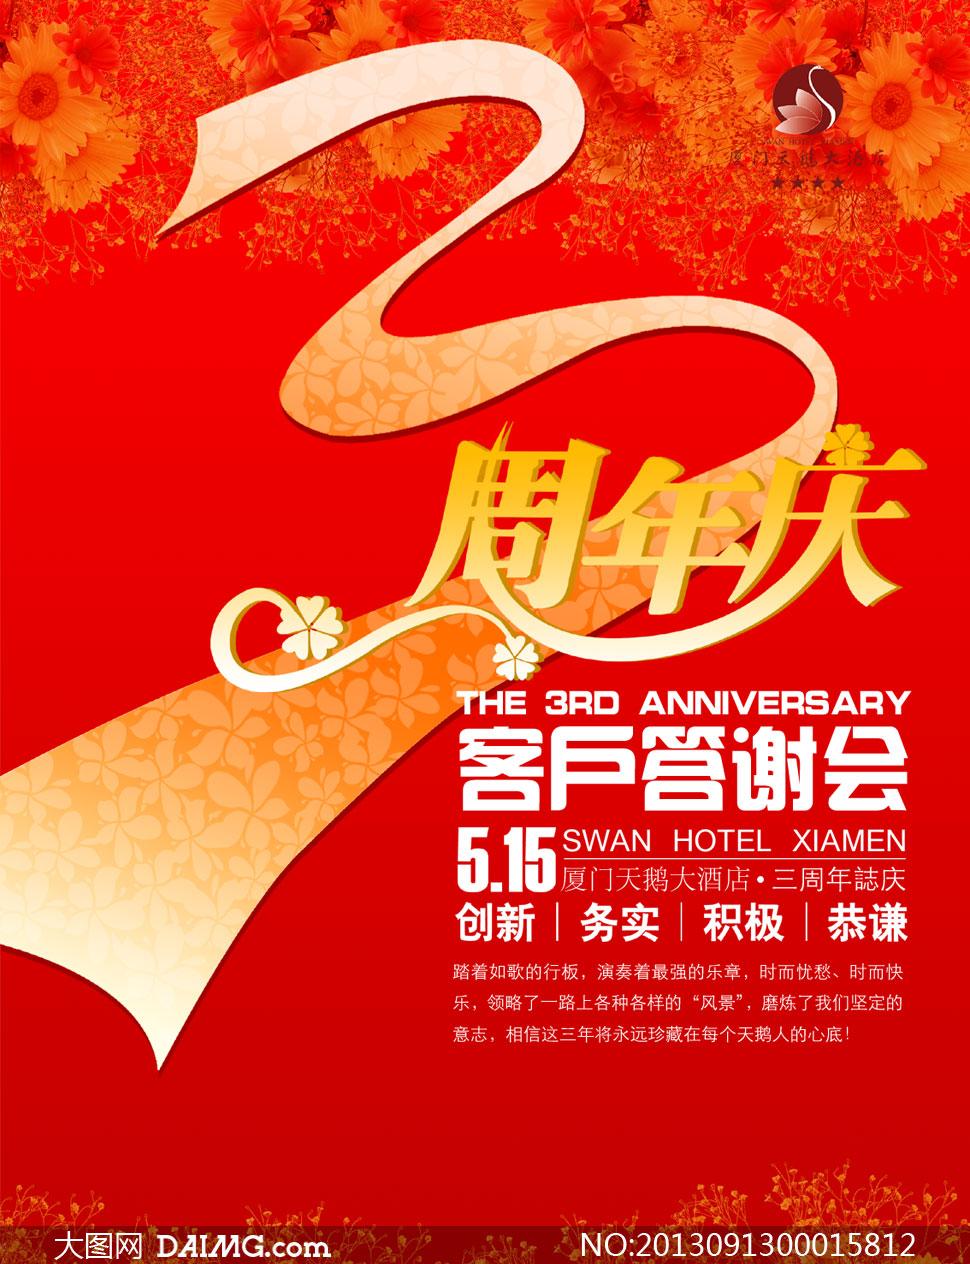 酒店3周年店庆海报设计psd源文件